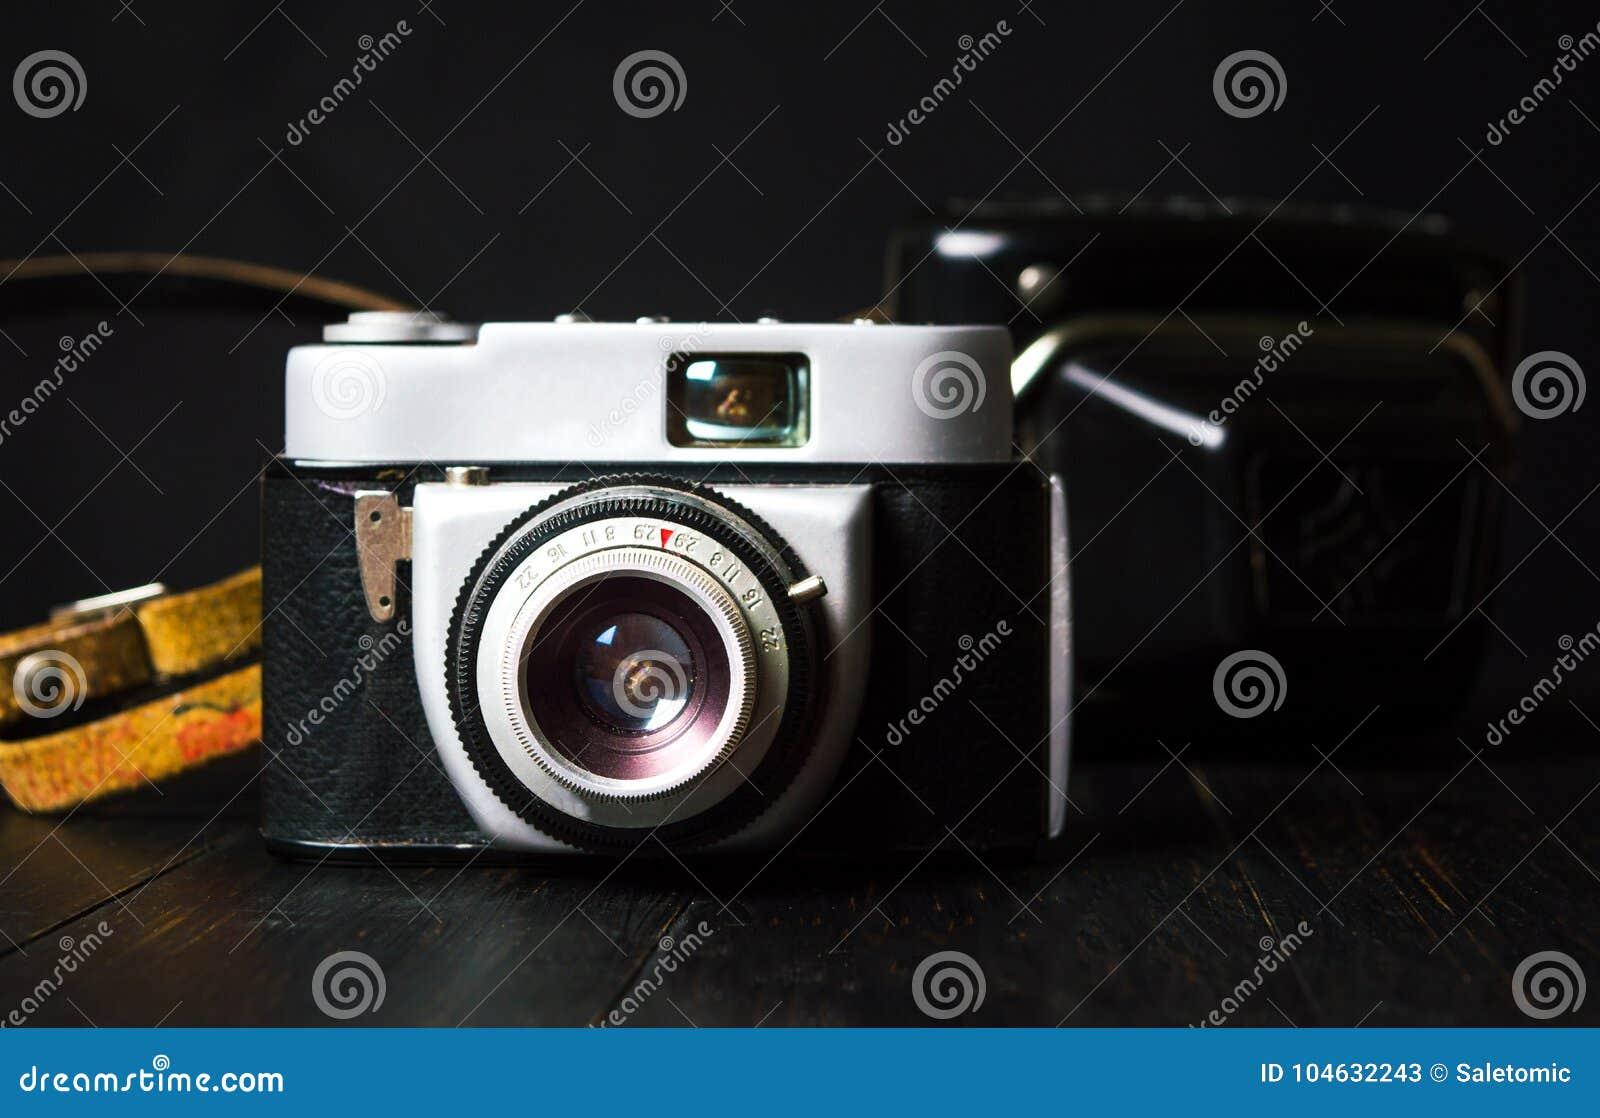 Download Oude Filmcamera Tegen Donkere Achtergrond Stock Afbeelding - Afbeelding bestaande uit antiquiteit, geïsoleerd: 104632243